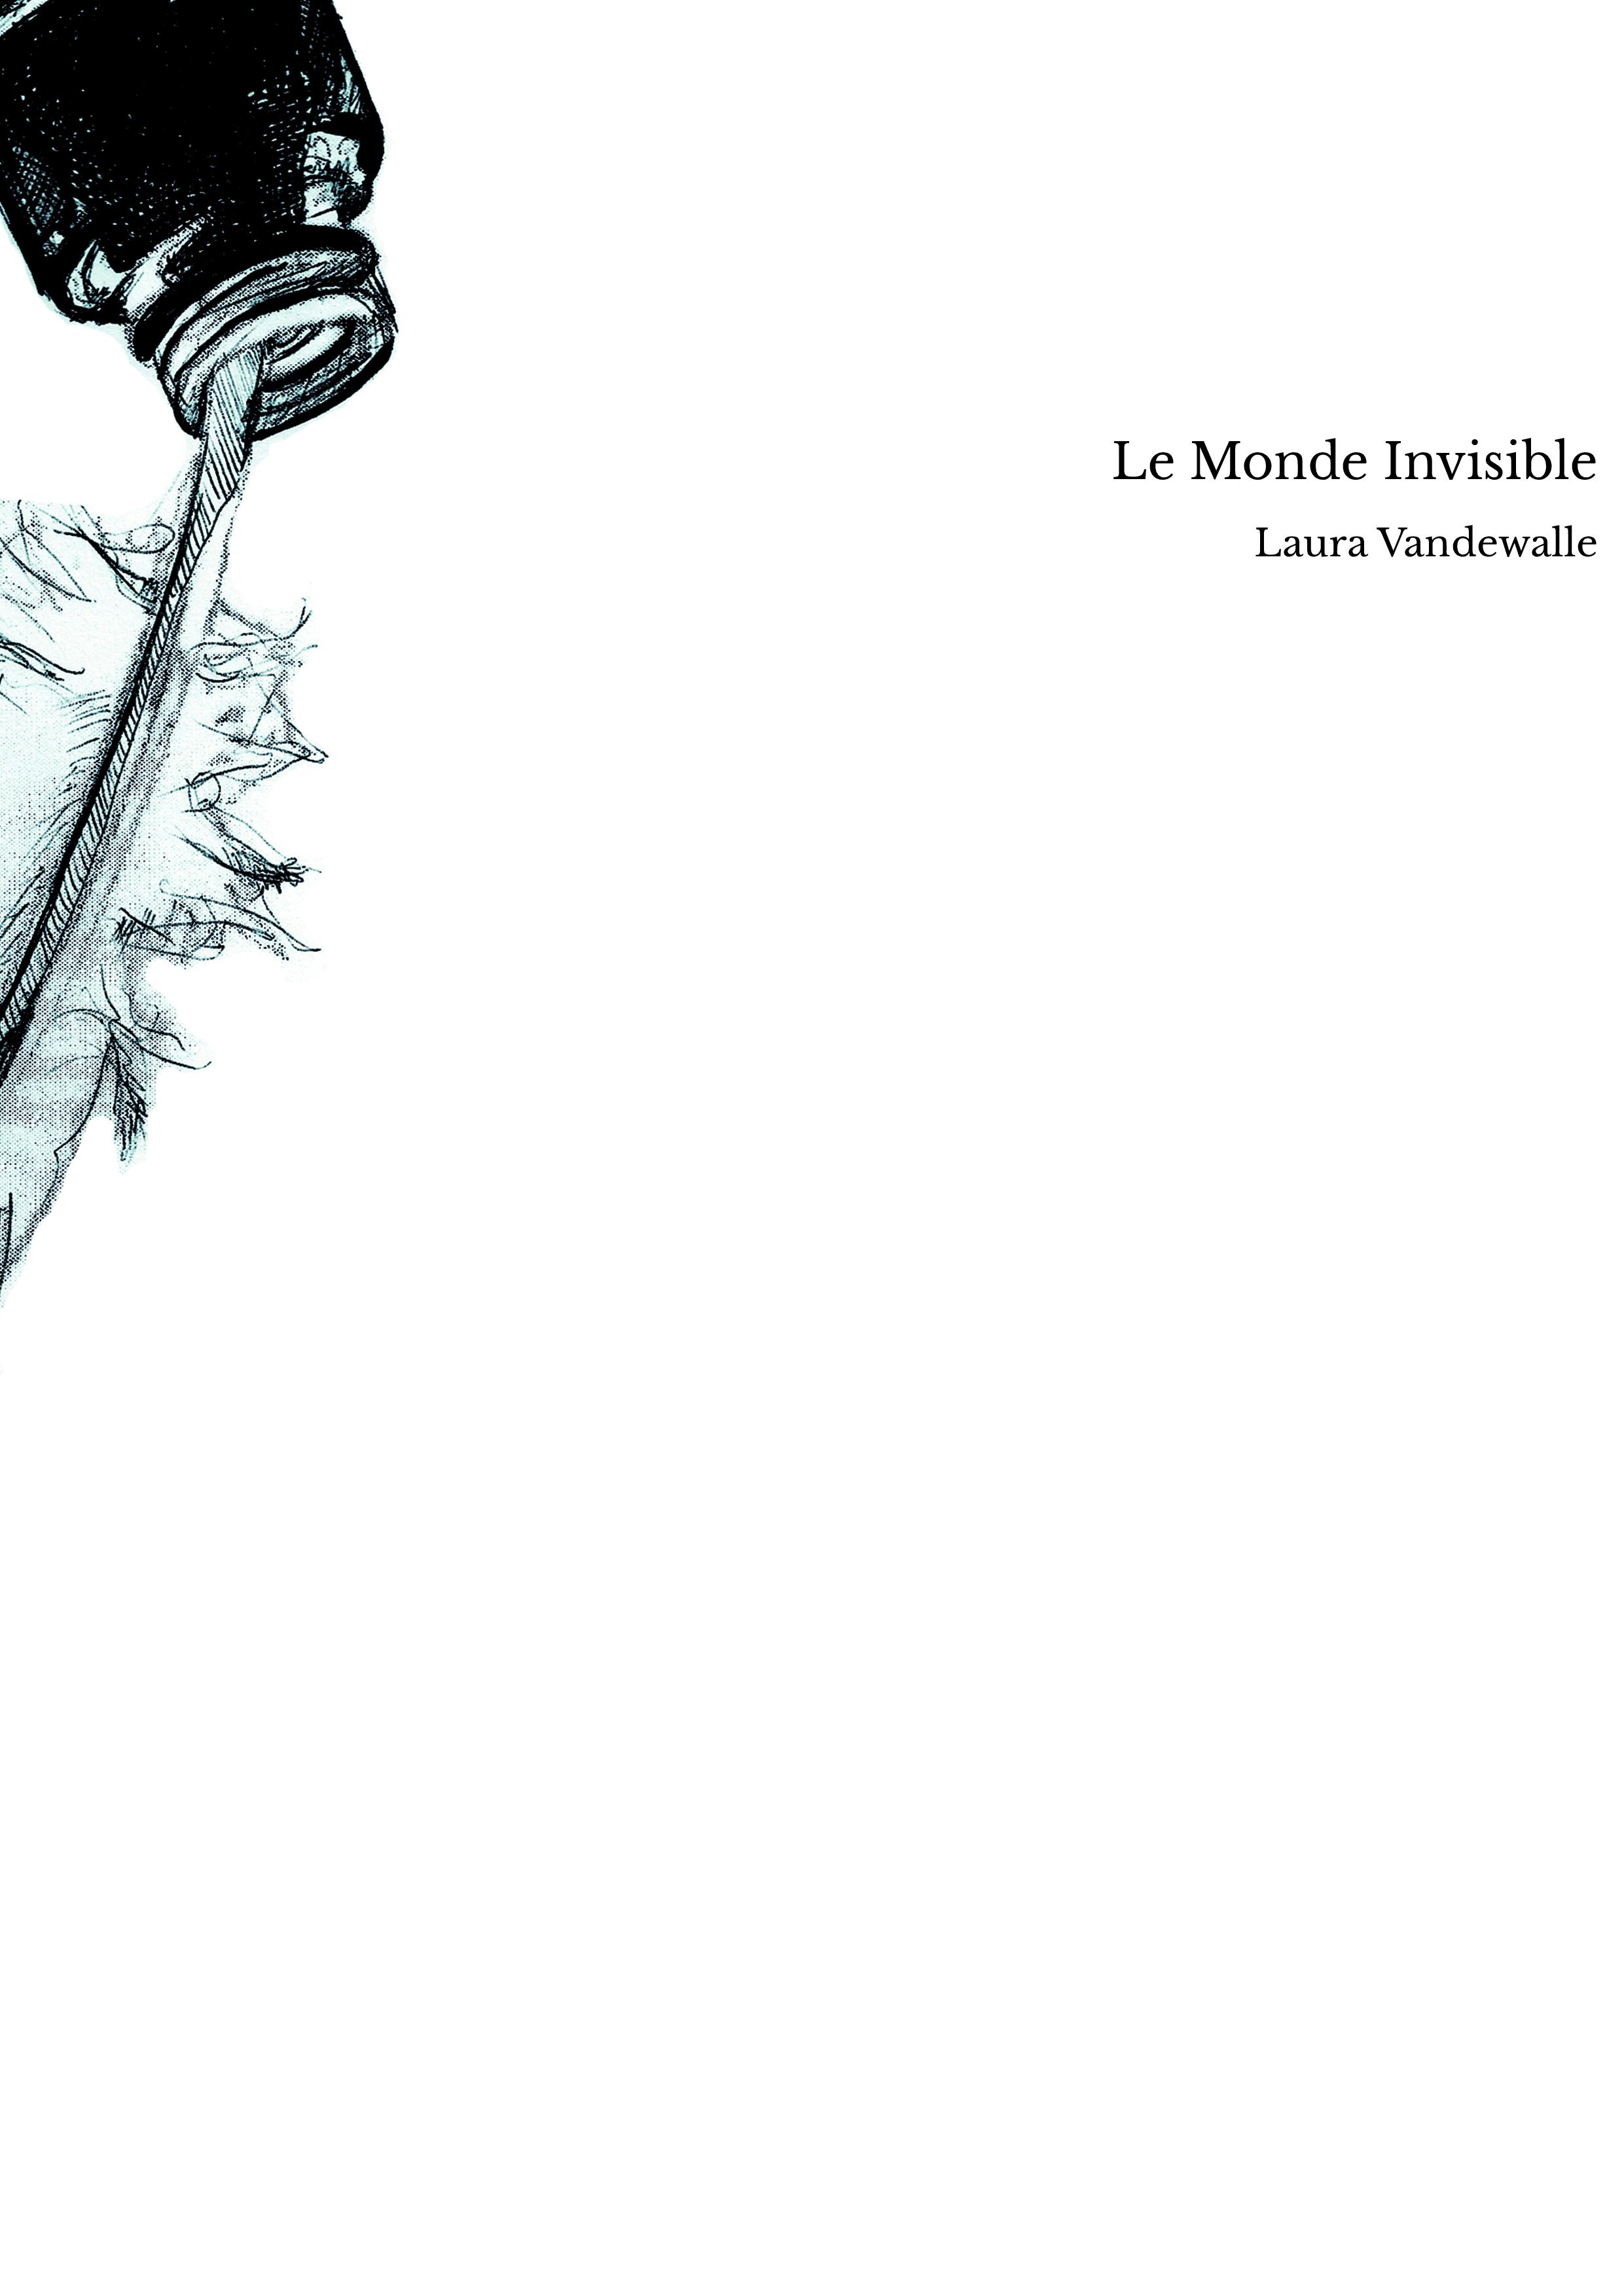 Le Monde Invisible